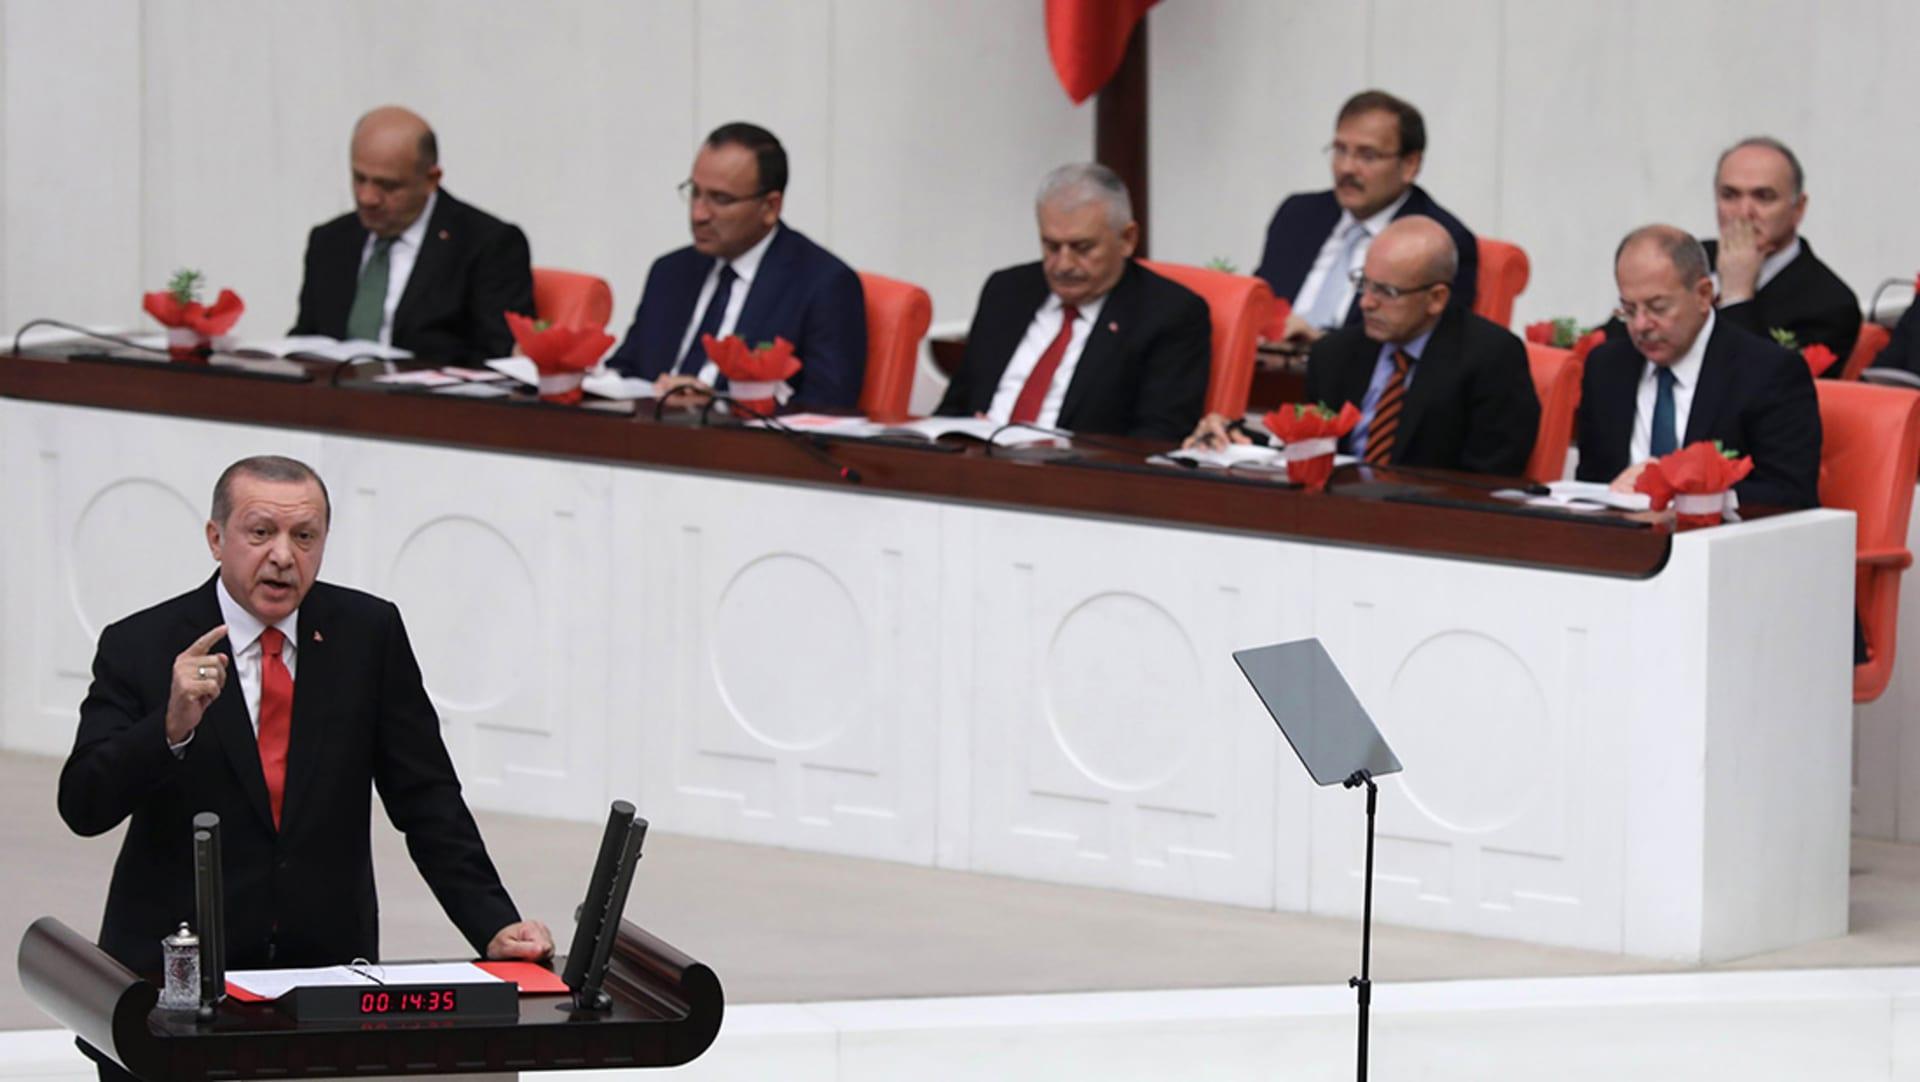 أردوغان: استفتاء كردستان سبب للفتنة بالمنطقة.. ولن نتسامح مع التهديدات